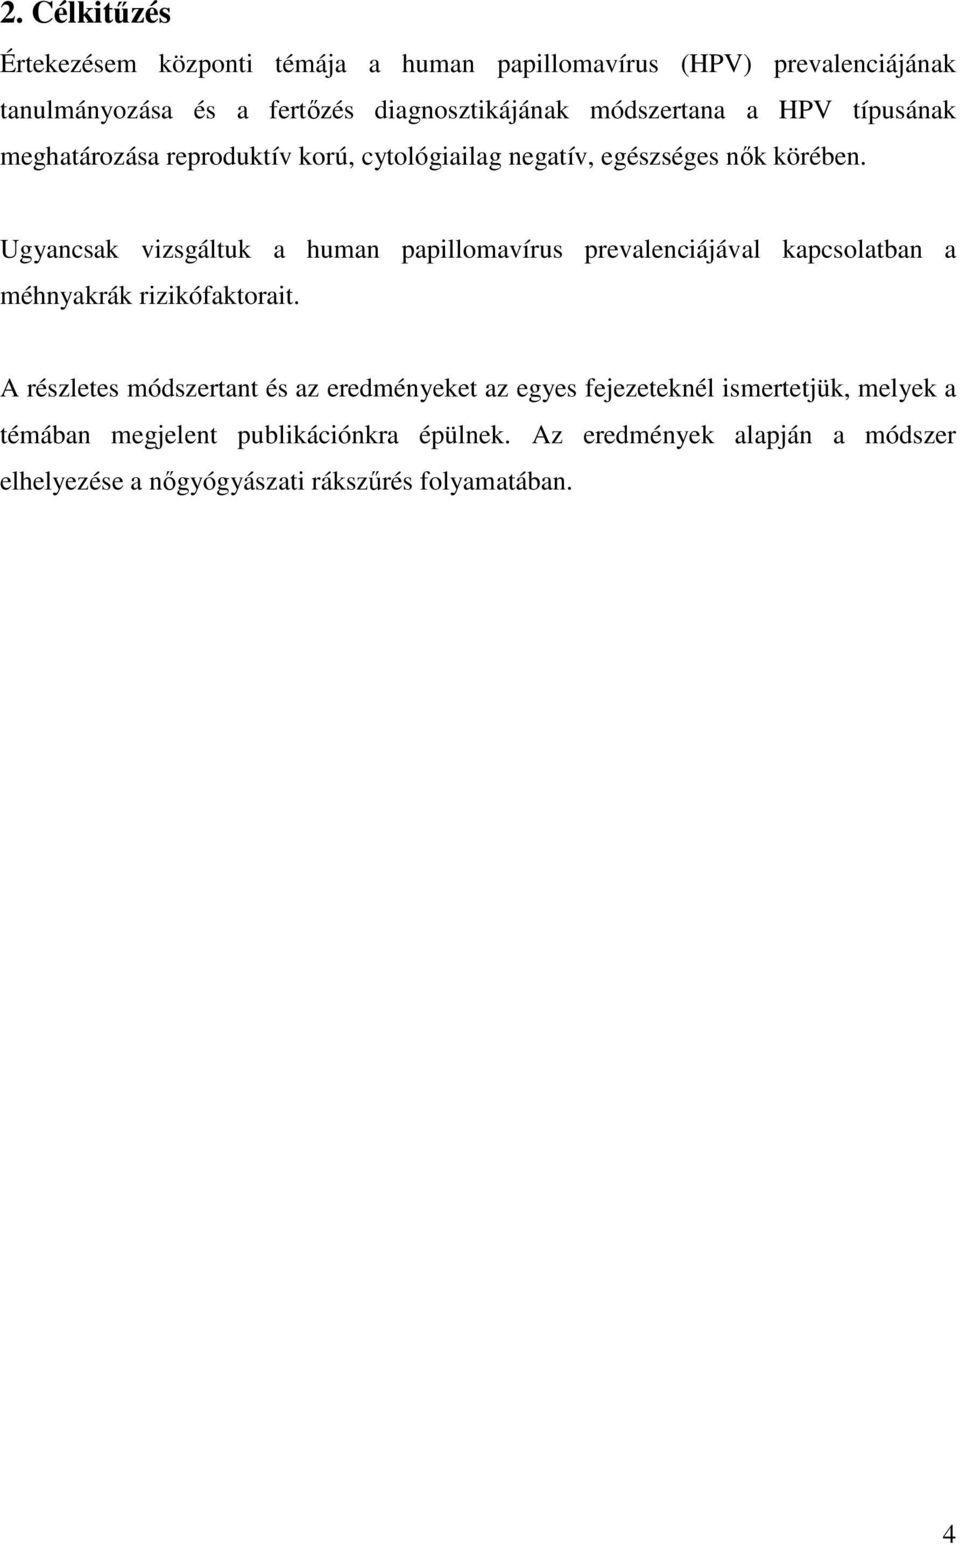 a papillomavírus meghatározása)